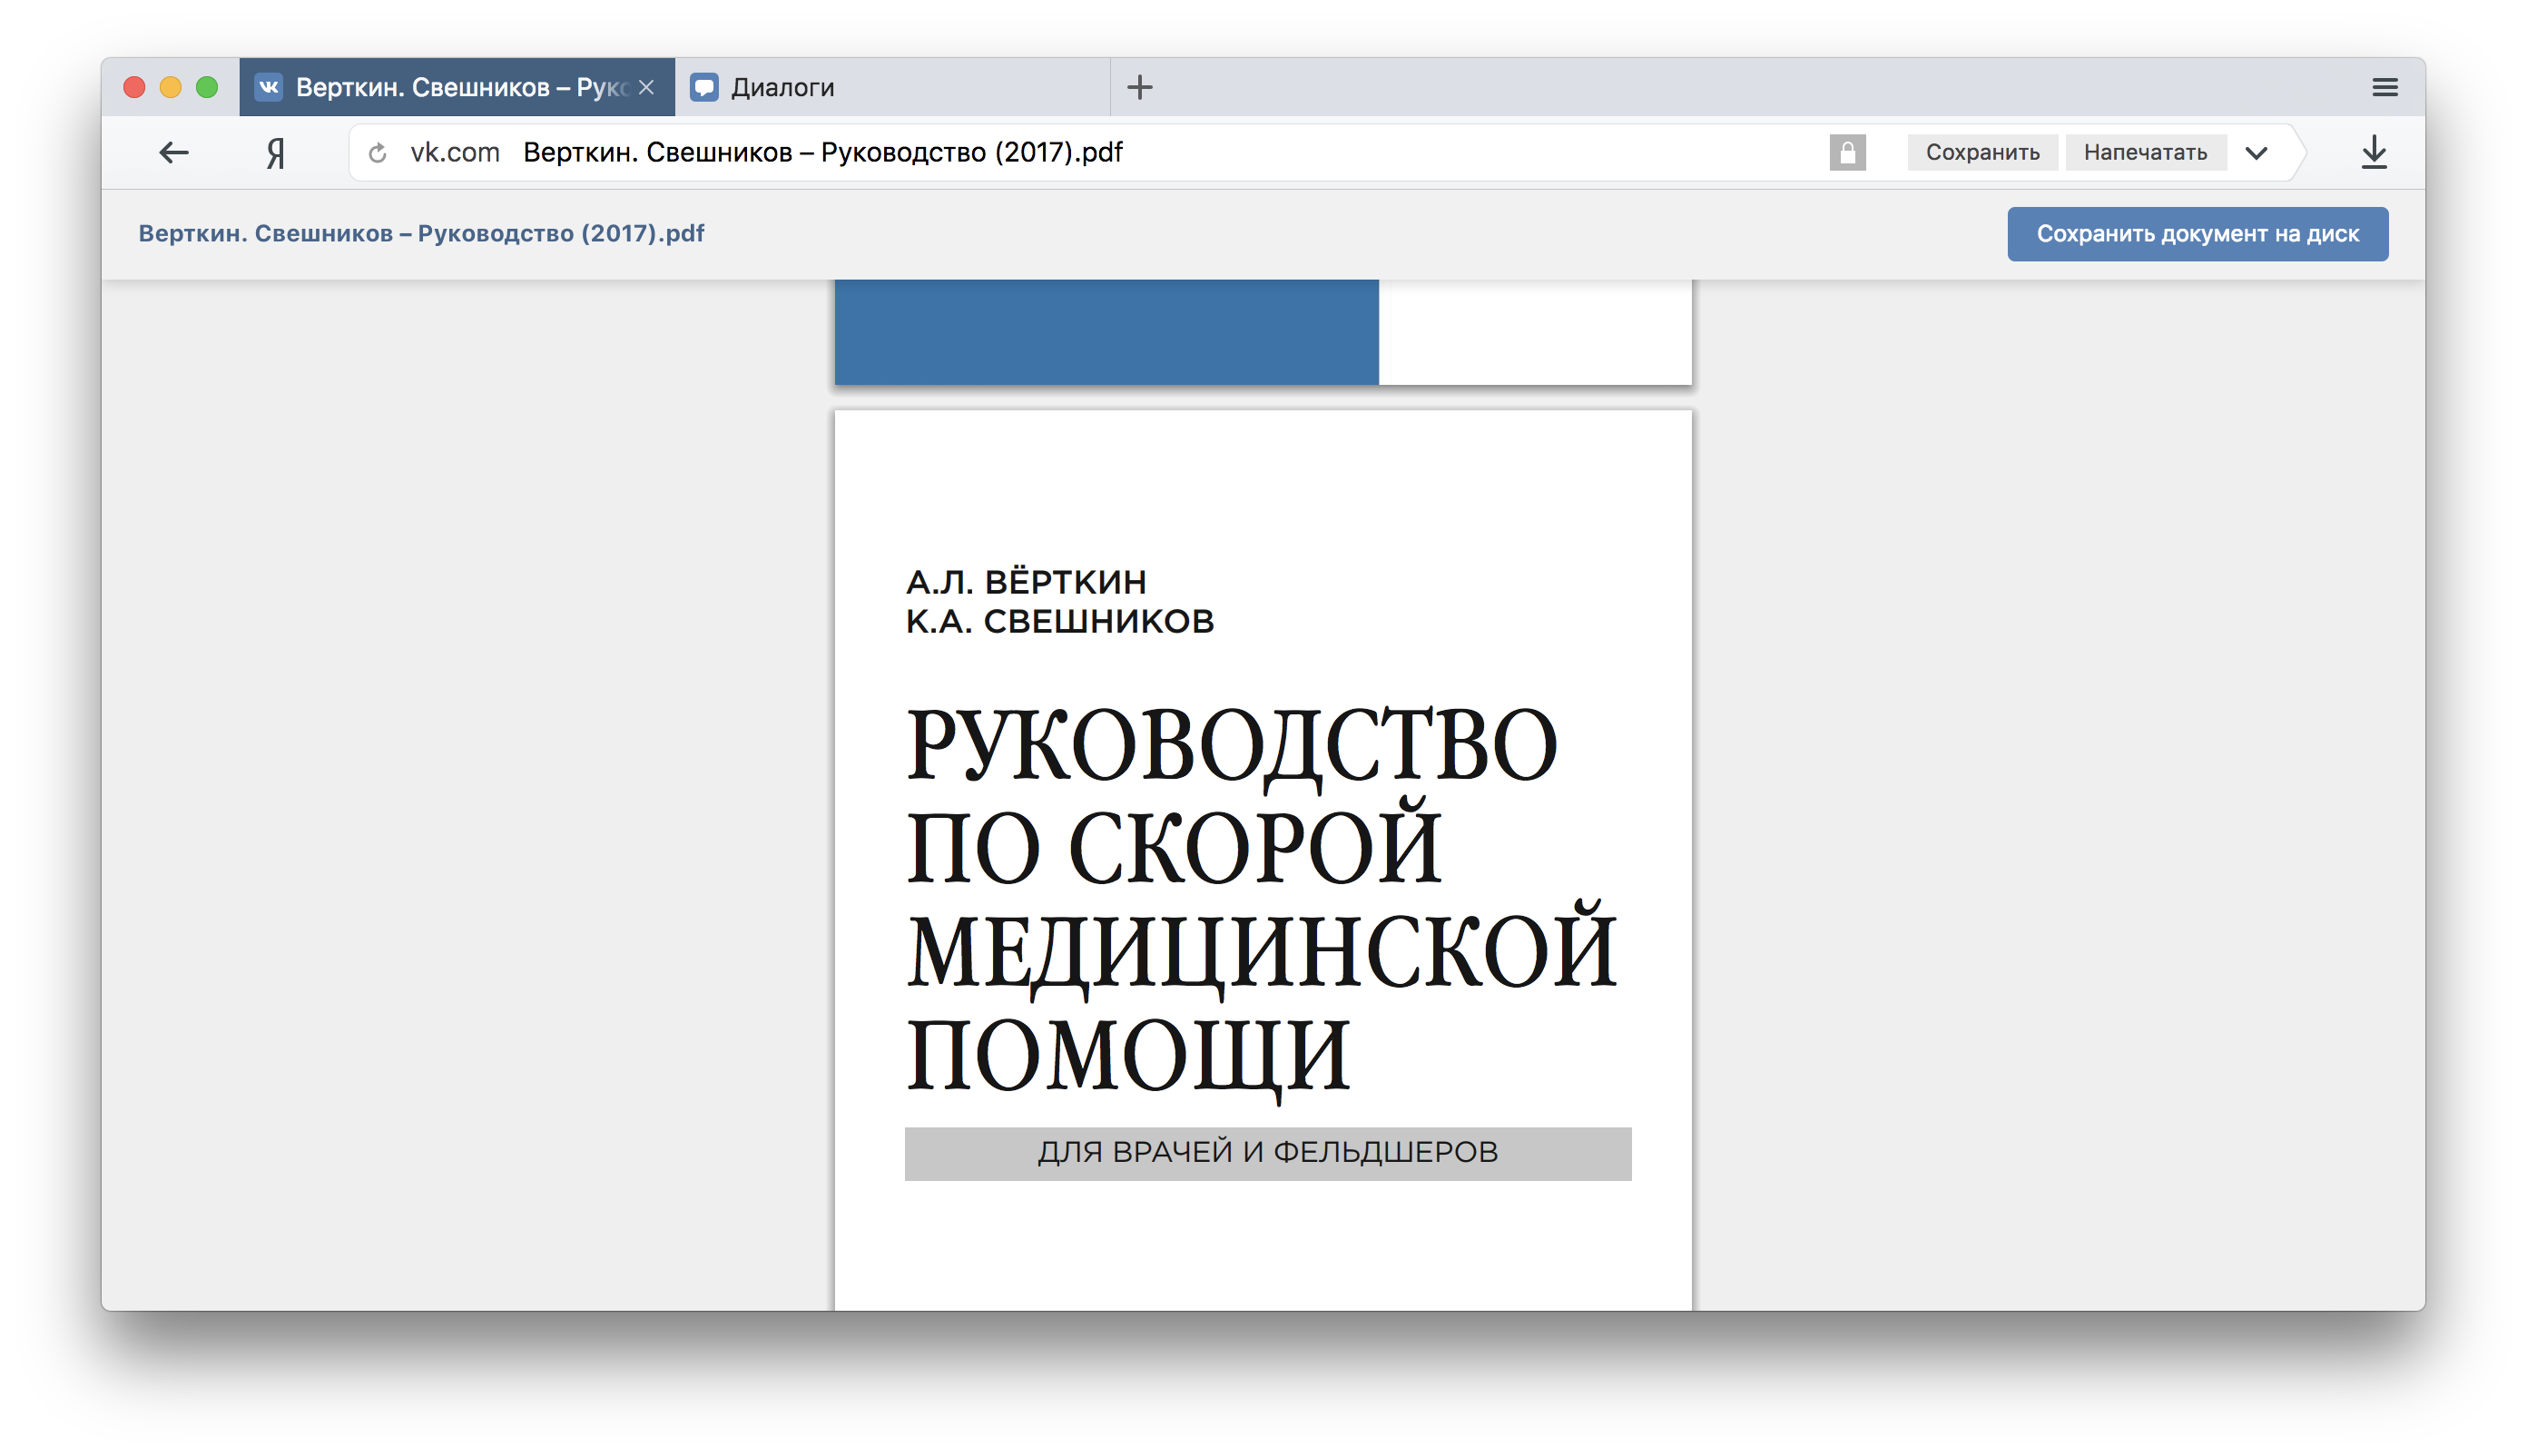 Открывает PDF